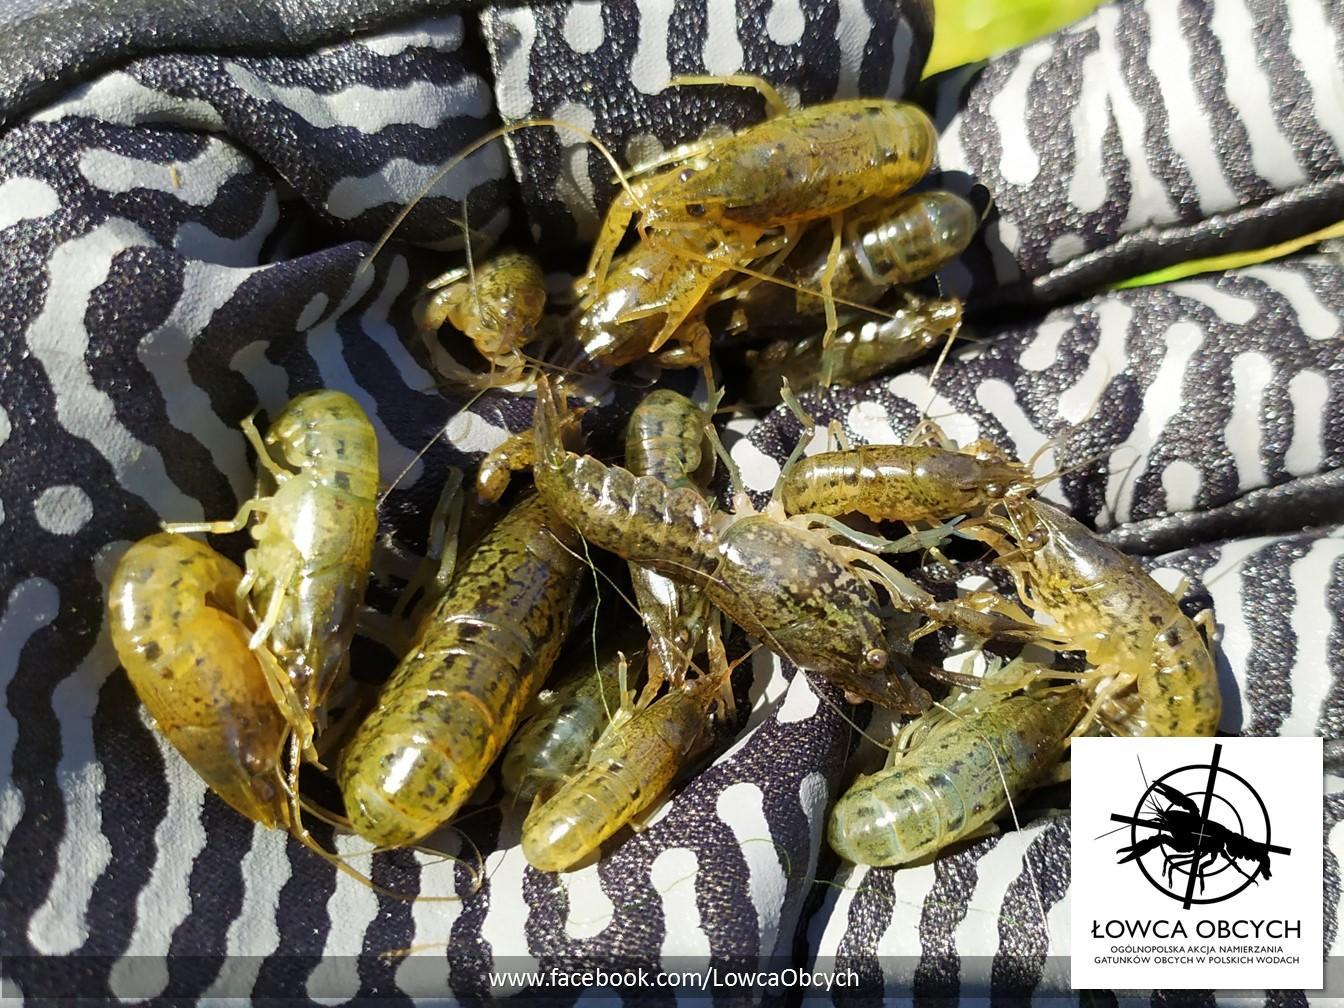 Rak marmurkowy (Procambarus virginalis) – młode osobniki odłowione z jednego z miejskich zbiorników wodnych, gdzie występuje populacja licząca dziesiątki tysięcy raków. Fot. R. Maciaszek